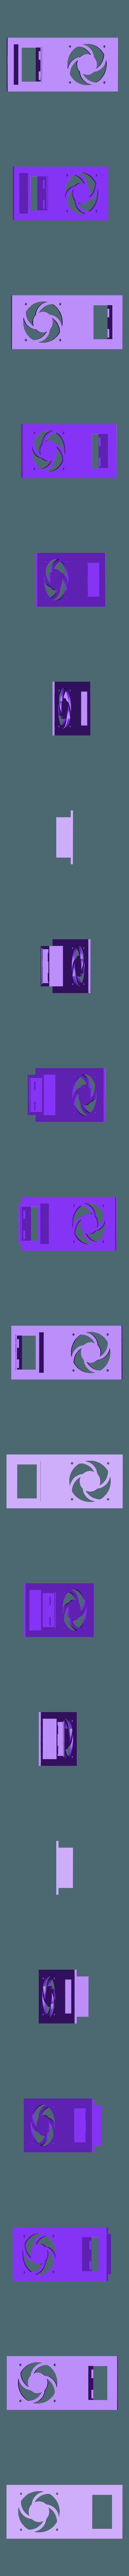 Rear_Panel_Extension_FINAL.stl Télécharger fichier STL gratuit Affaire Riden RD6006 sur l'alimentation électrique • Objet imprimable en 3D, christinewhybrow